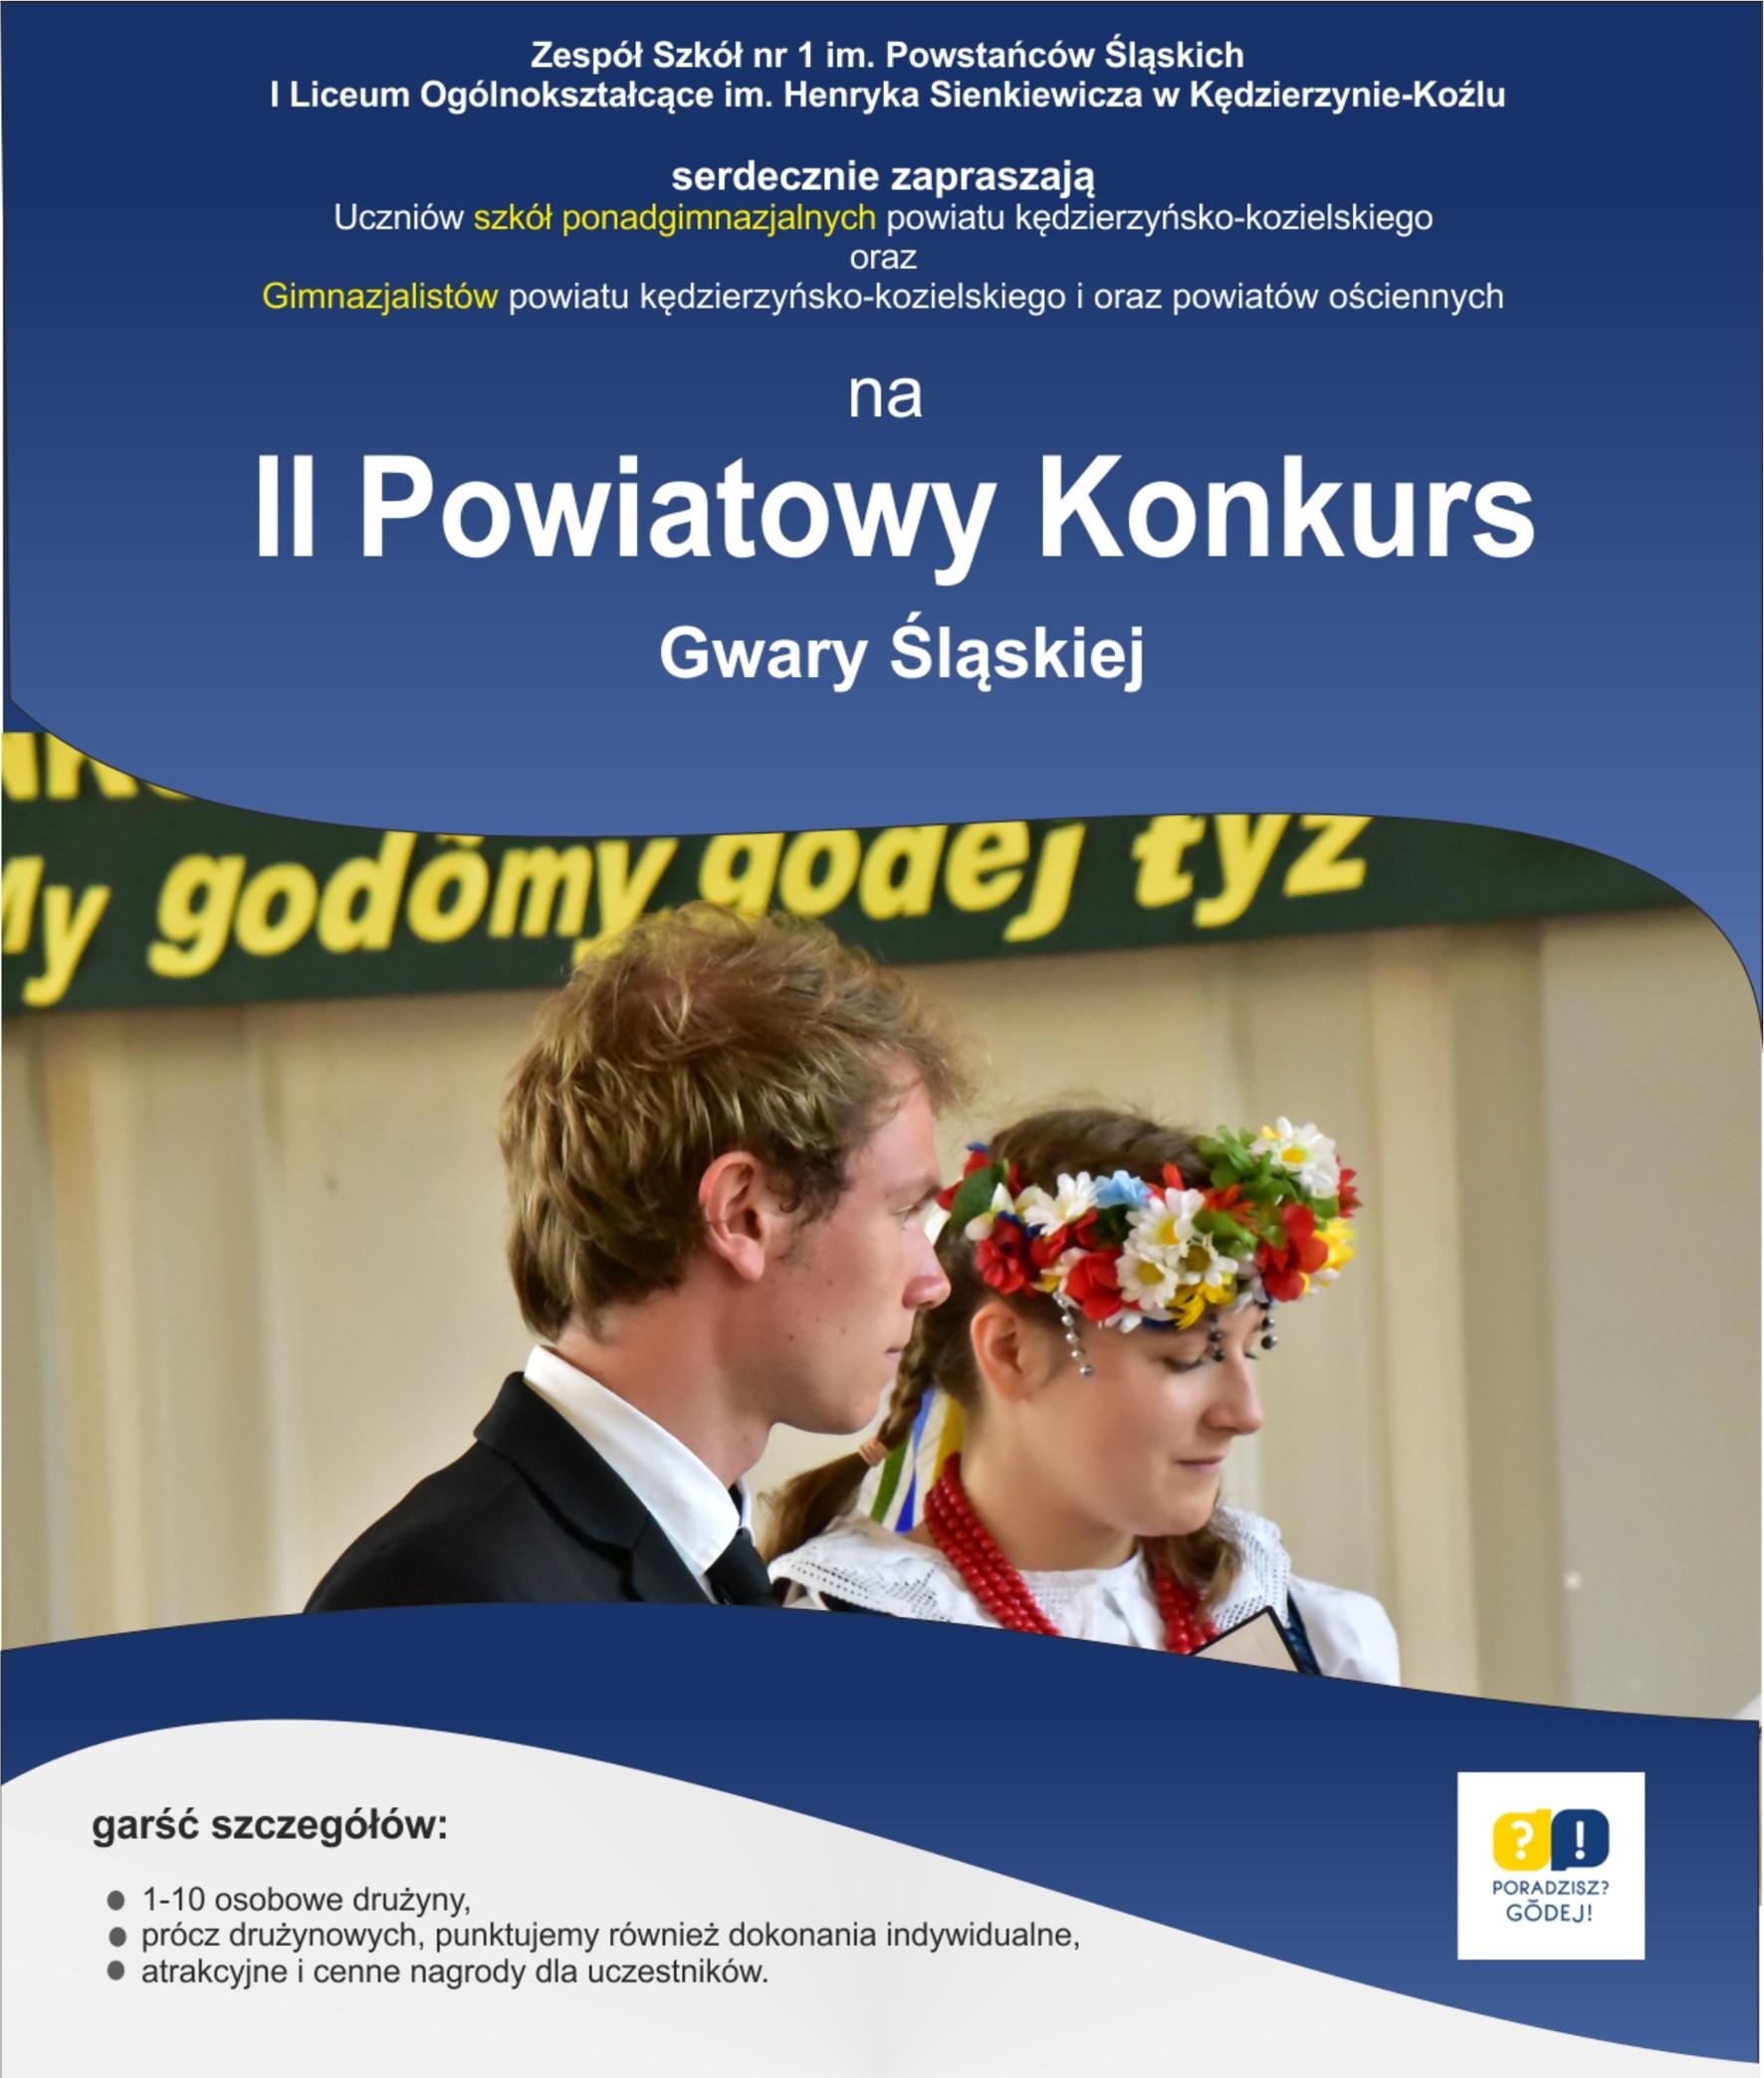 II Powiatowy Konkurs Gwary Śląskiej – poprawki